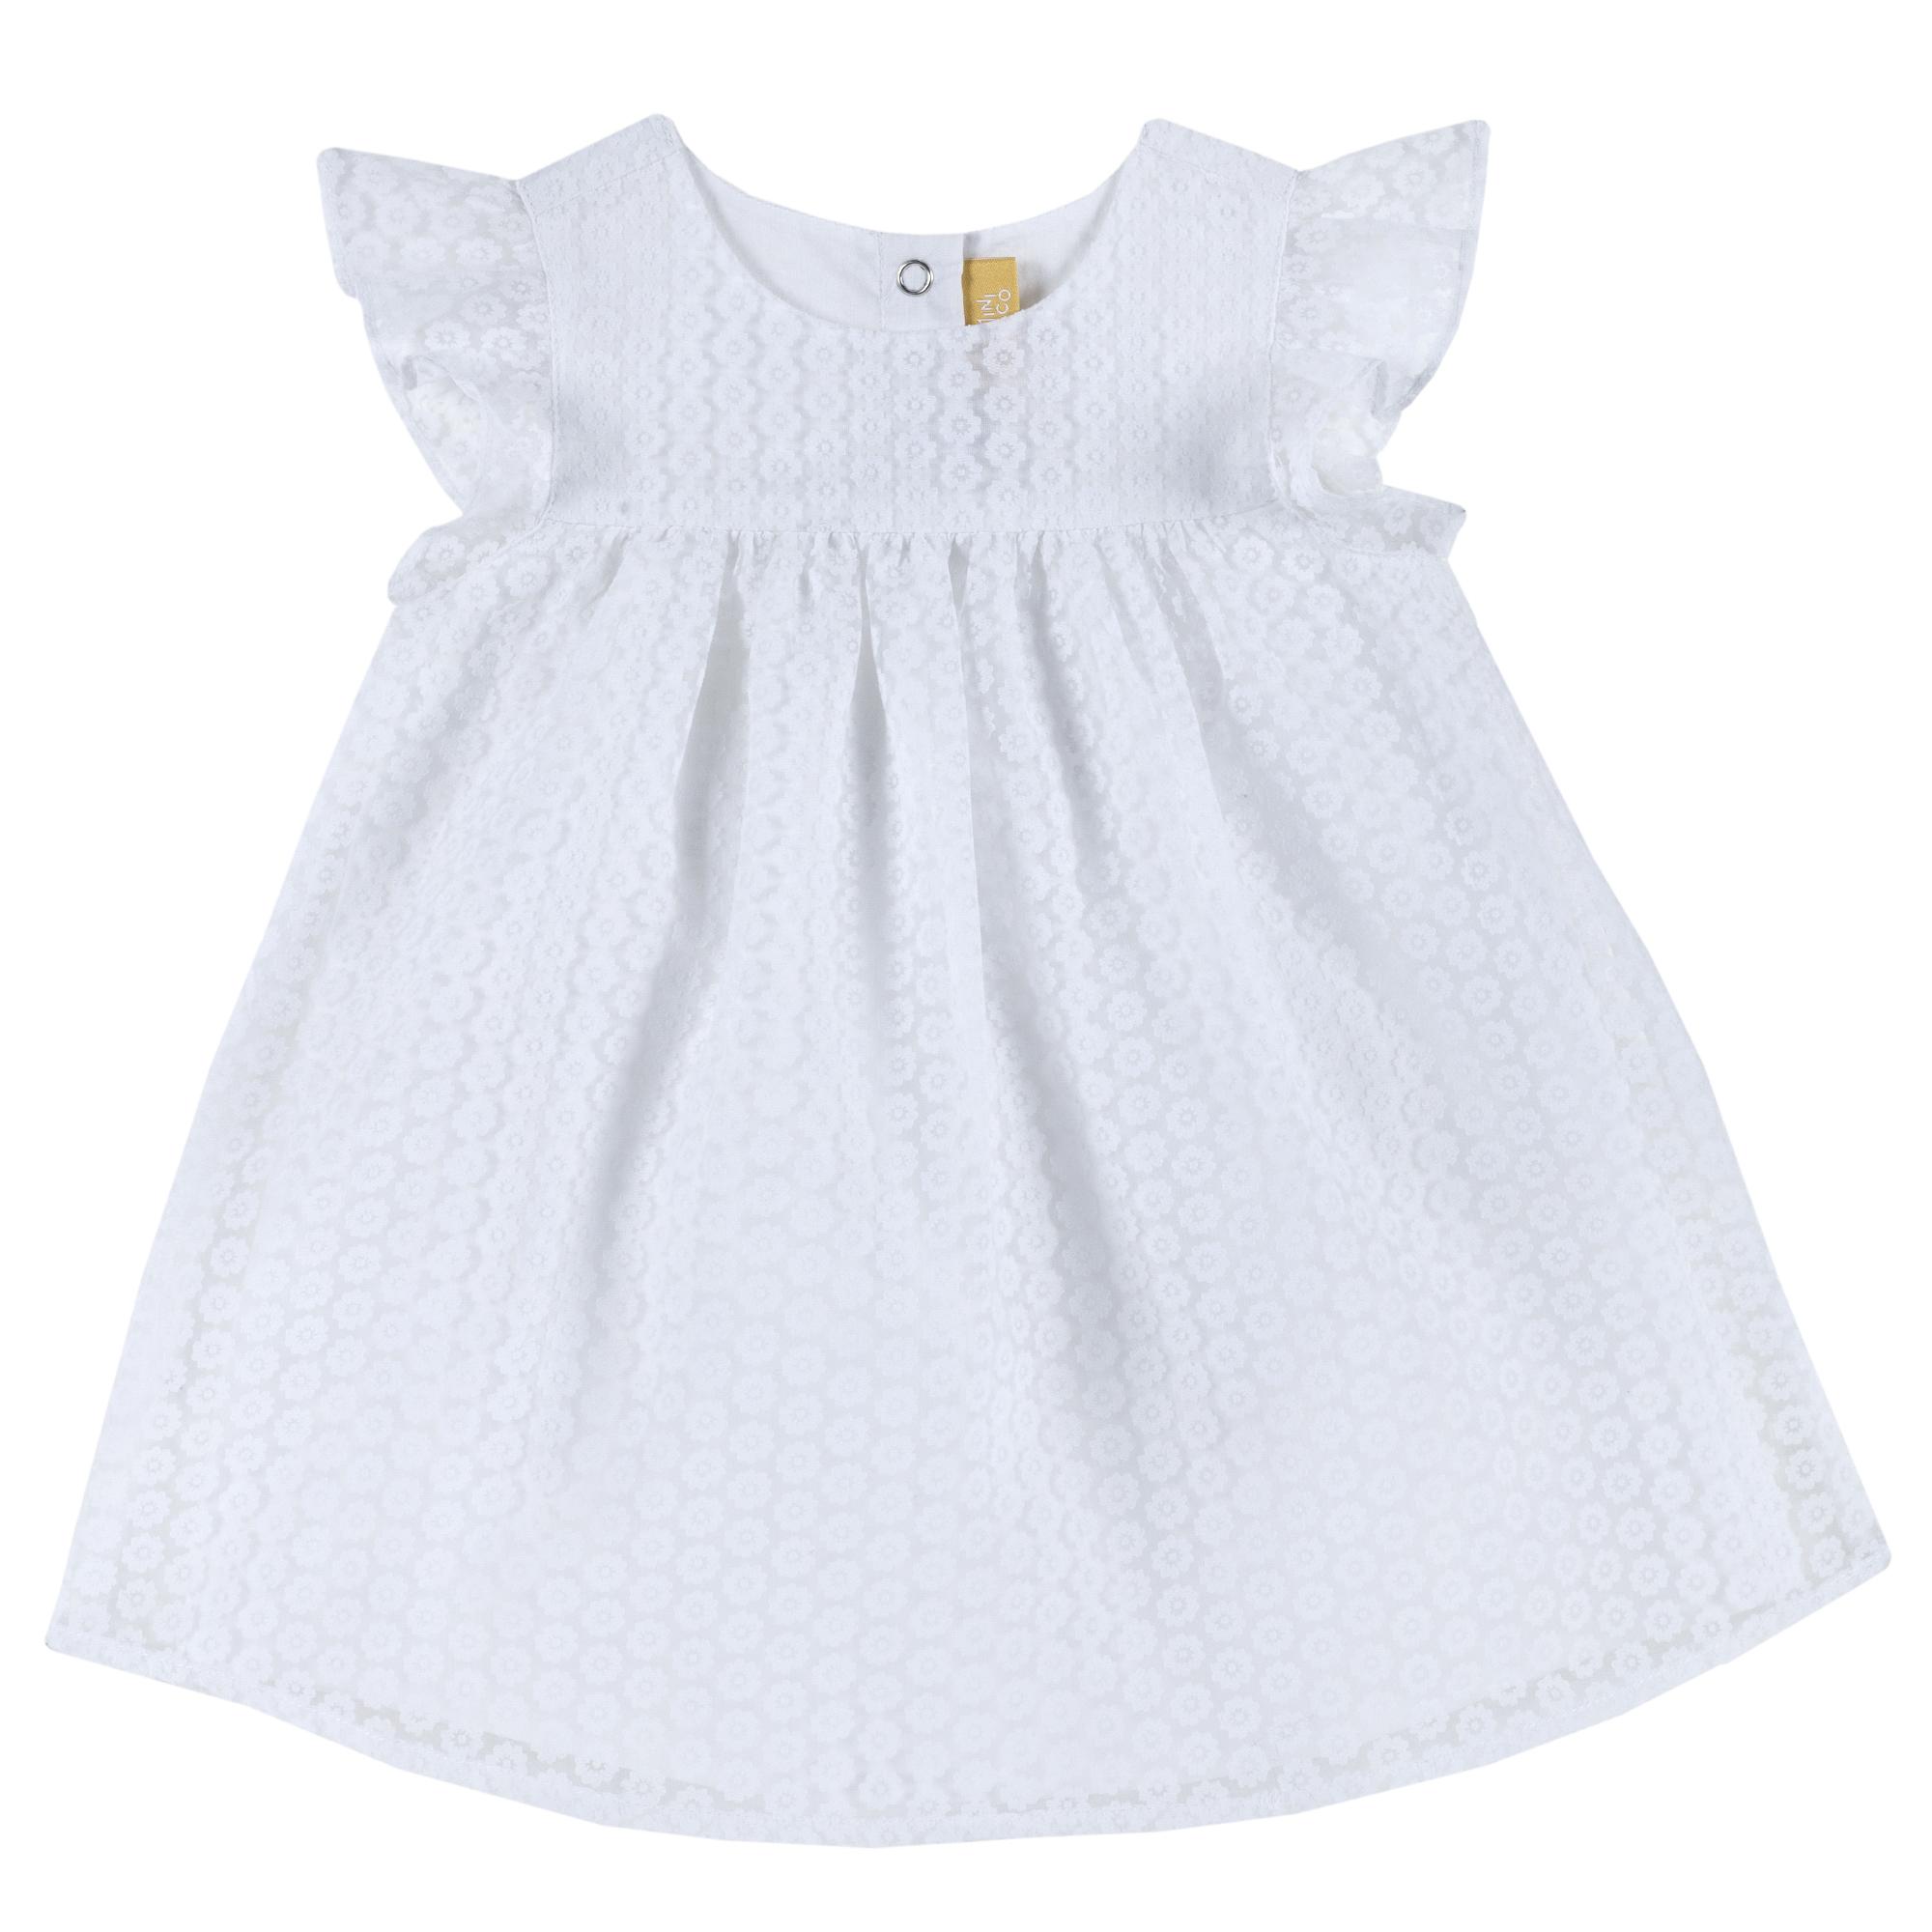 Rochita copii Chicco, maneca scurta, alb, 03422